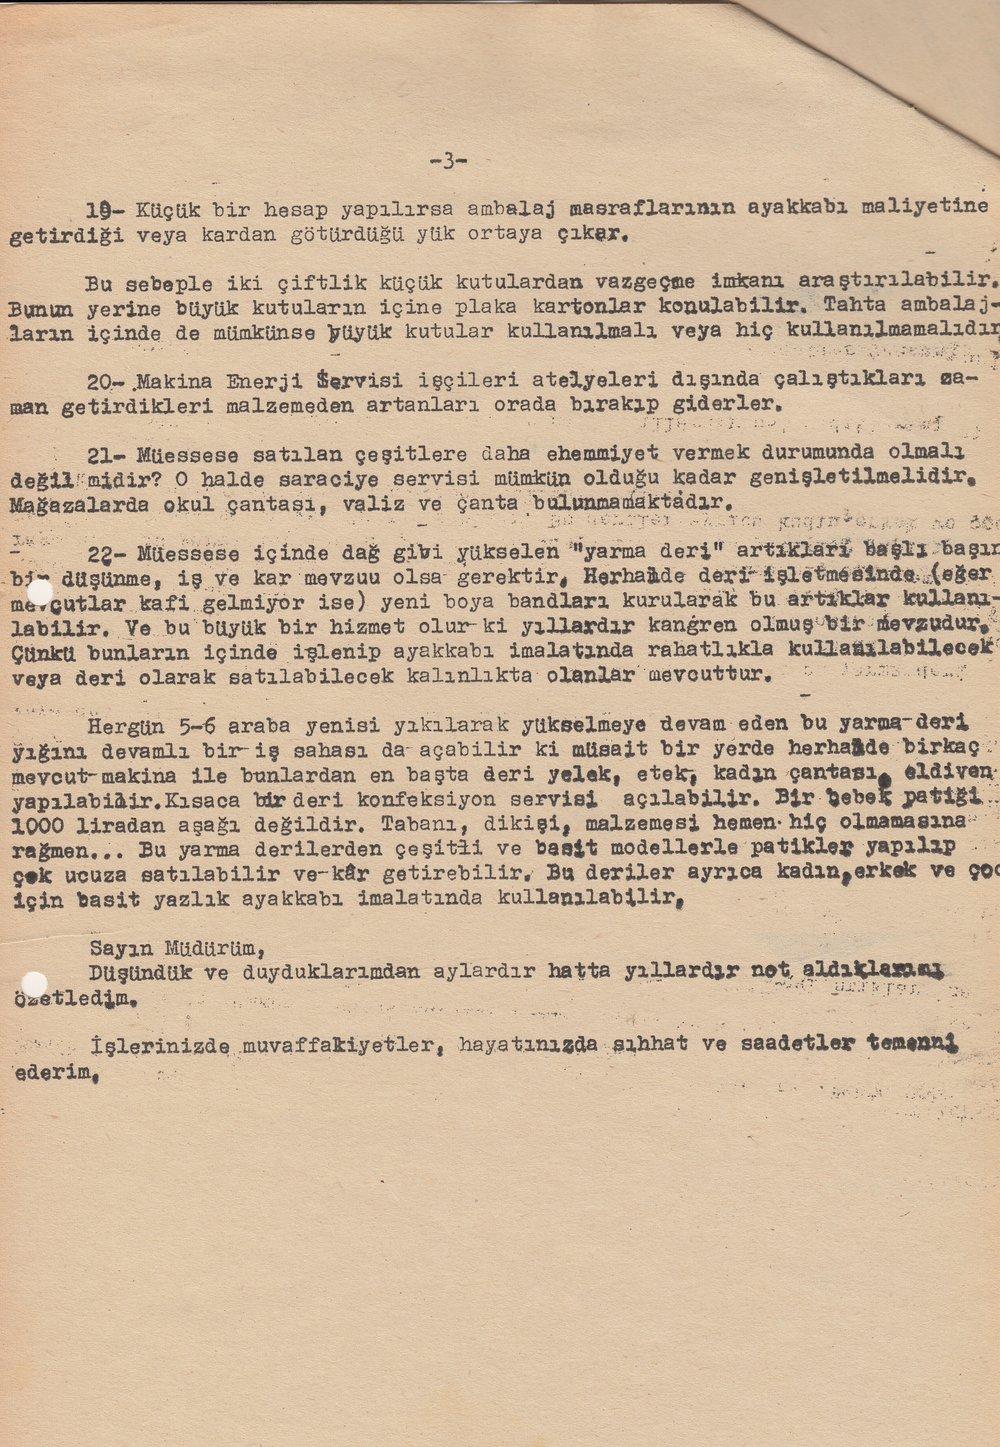 Sıddık Özbek3 (emekli mektubu).jpg